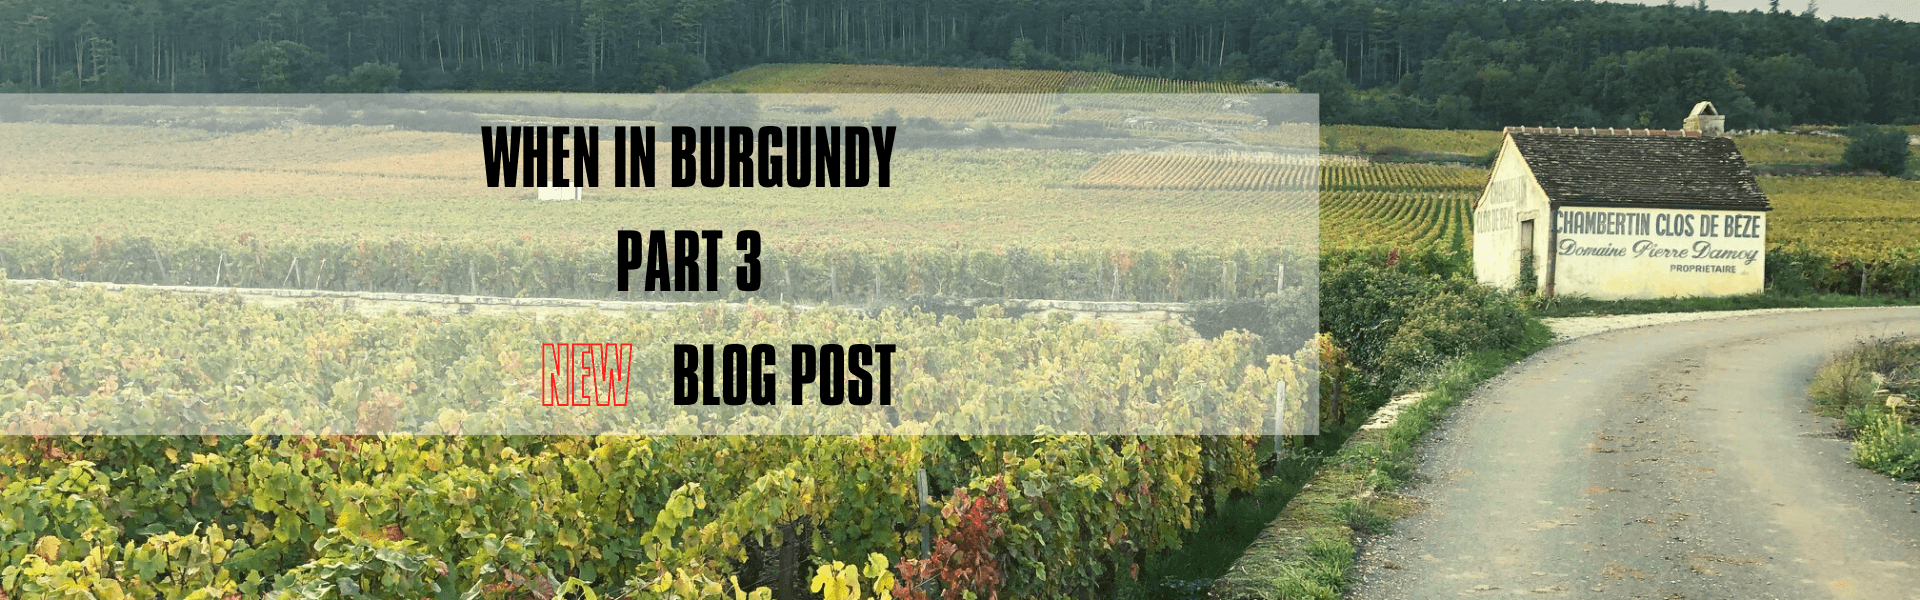 When in Burgundy [Part 3]